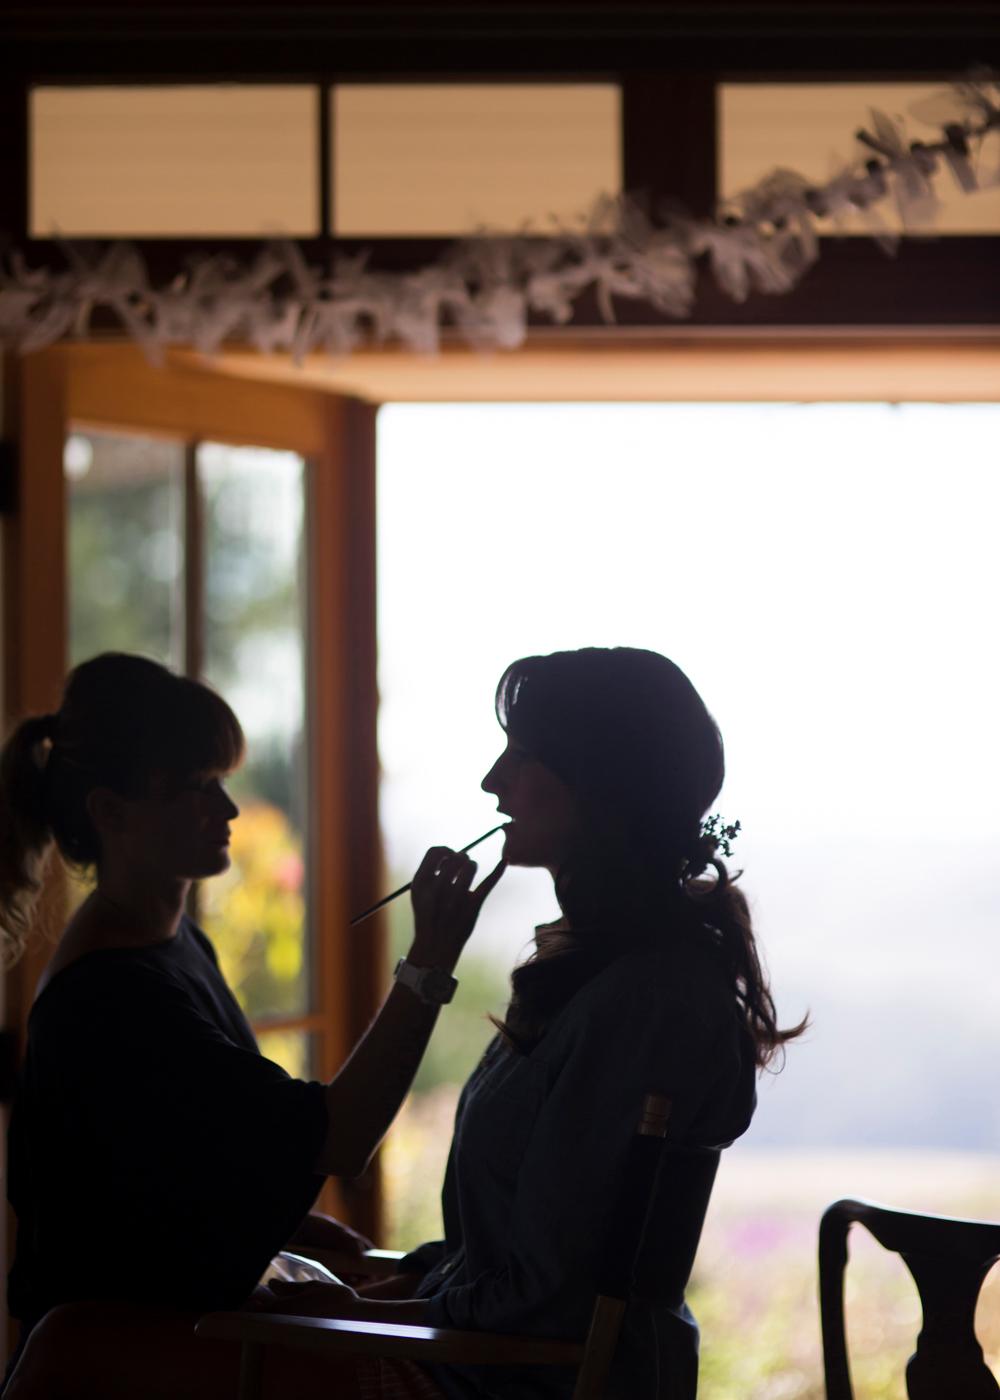 pescadero-private-estate-wedding-photography-lilouette-05.jpg